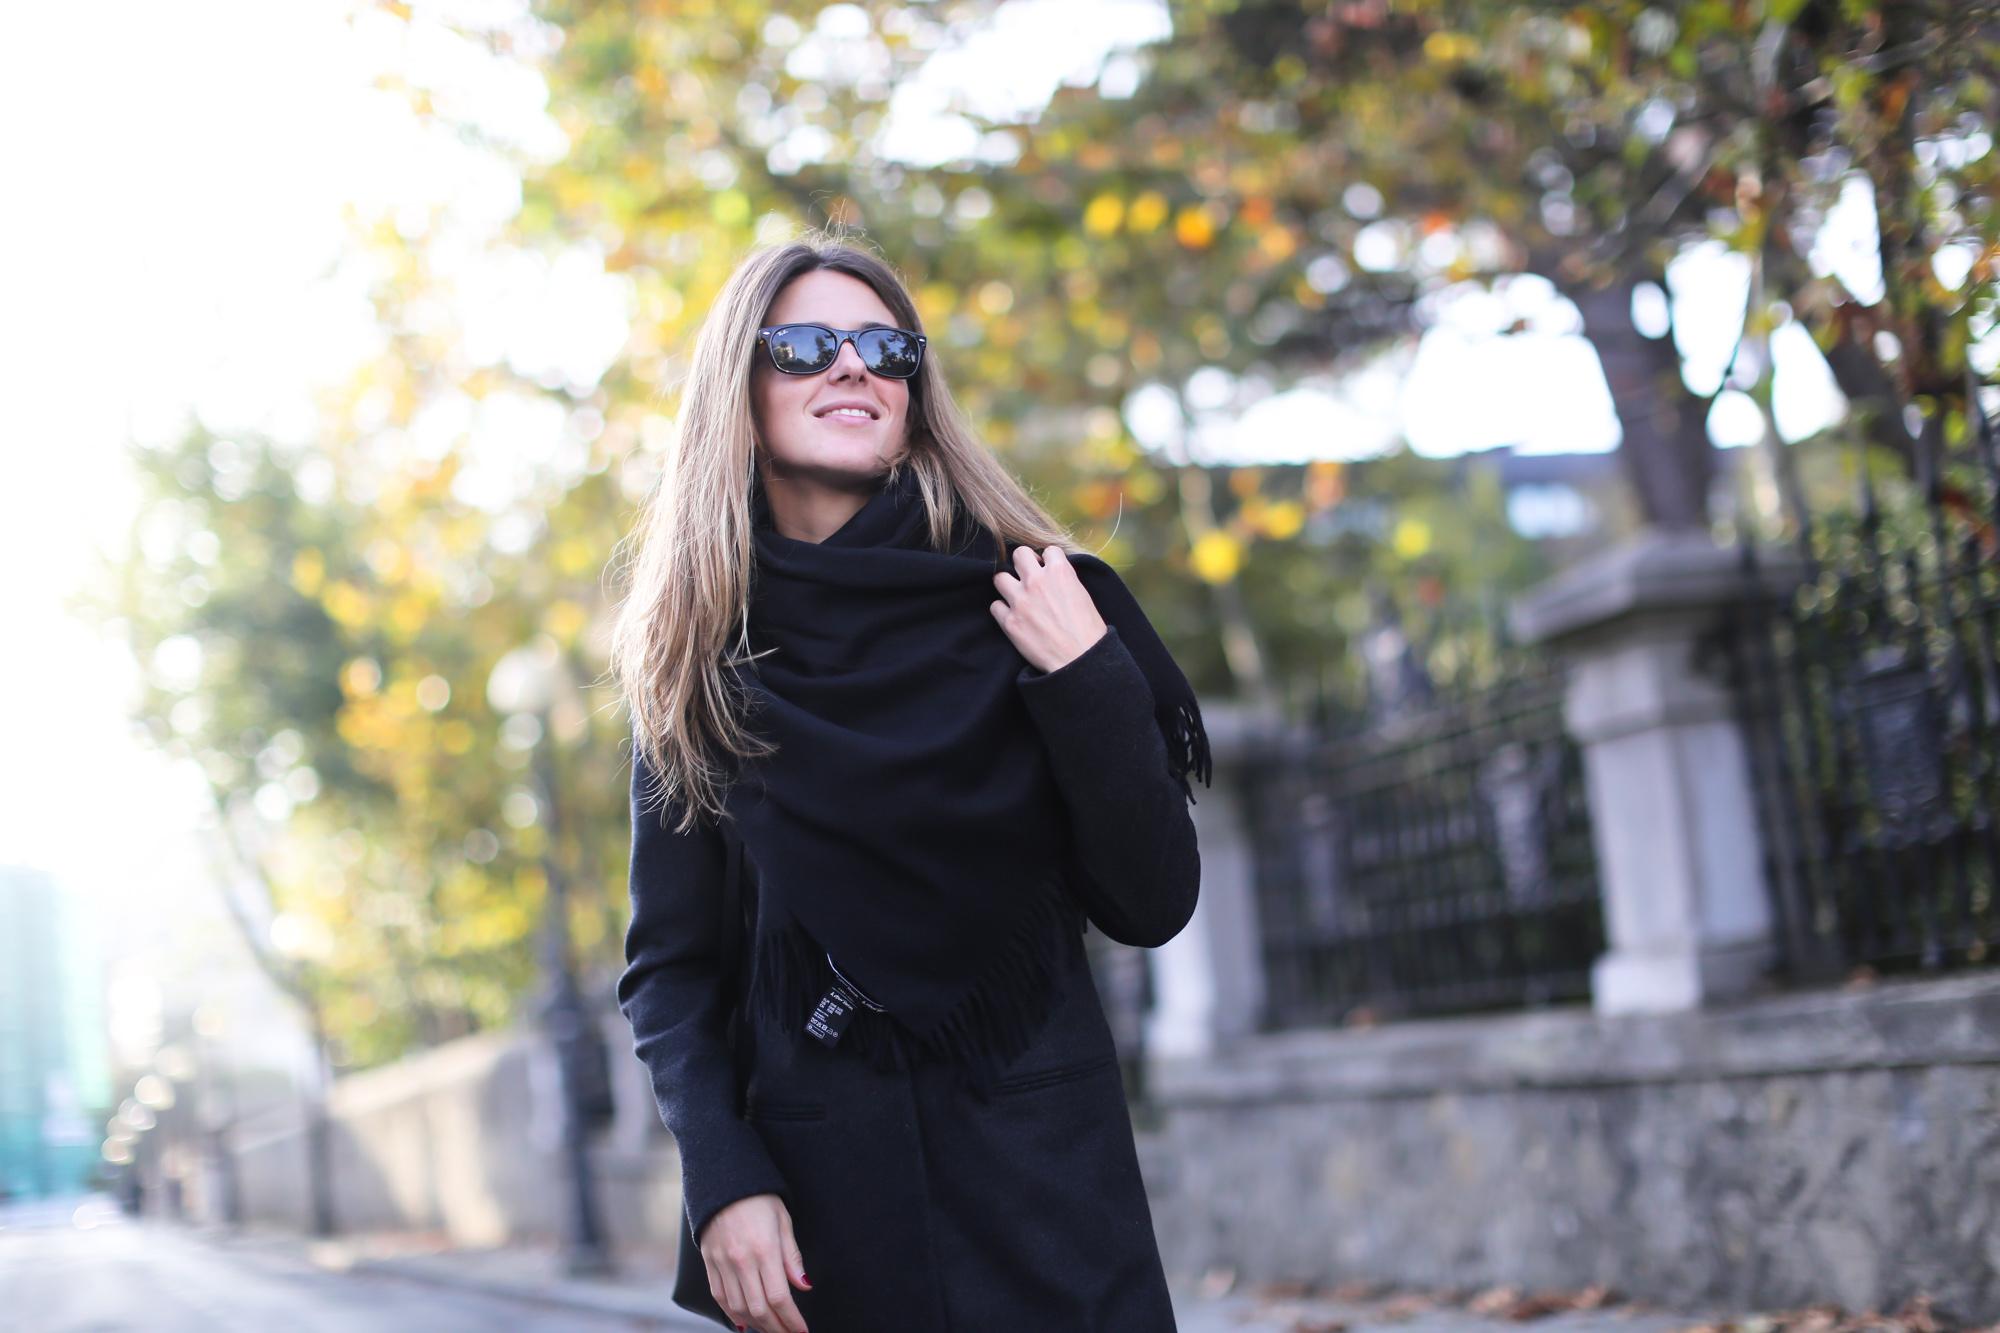 Clochet_streetstyle_eseoese_wool_grey_tailored-coat_mansur_gavriel_bucket_bag-9